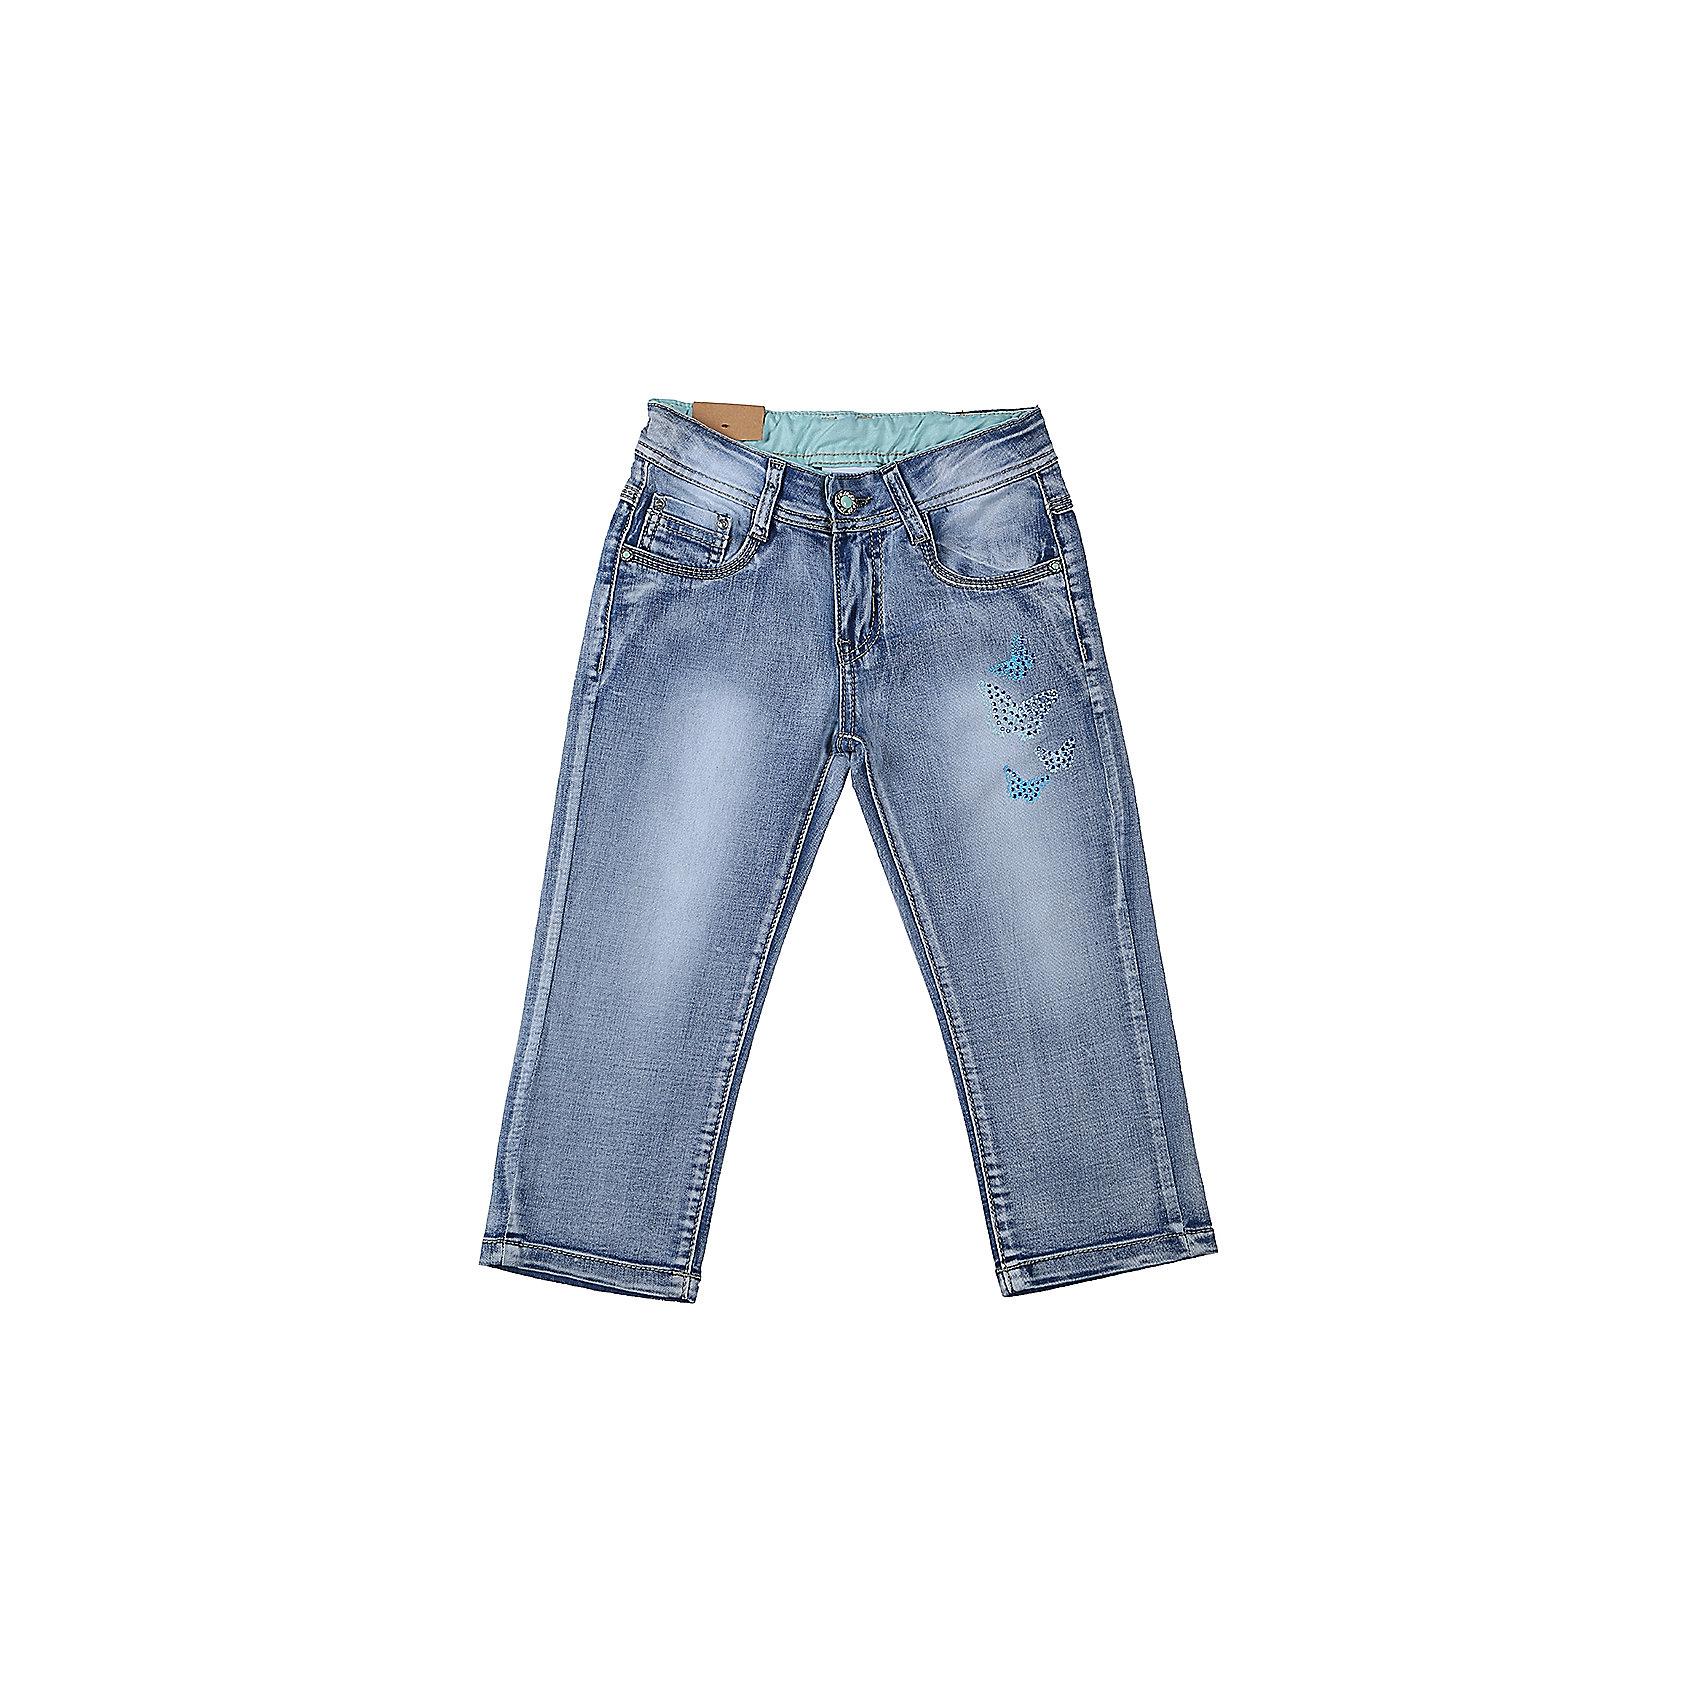 Бриджи джинсовые для девочки LuminosoШорты, бриджи, капри<br>Джинсовые бриджи для девочки с оригинальной варкой. Декорированые стразами и принтом. Застегиваются на молнию и пуговицу. Имеют зауженный крой, среднюю посадку. Шлевки на поясе рассчитаны под ремень. В боковой части пояса находятся вшитые эластичные ленты, регулирующие посадку по талии.<br>Состав:<br>98%хлопок 2%эластан<br><br>Ширина мм: 191<br>Глубина мм: 10<br>Высота мм: 175<br>Вес г: 273<br>Цвет: синий<br>Возраст от месяцев: 132<br>Возраст до месяцев: 144<br>Пол: Женский<br>Возраст: Детский<br>Размер: 152,158,164,134,140,146<br>SKU: 5413115